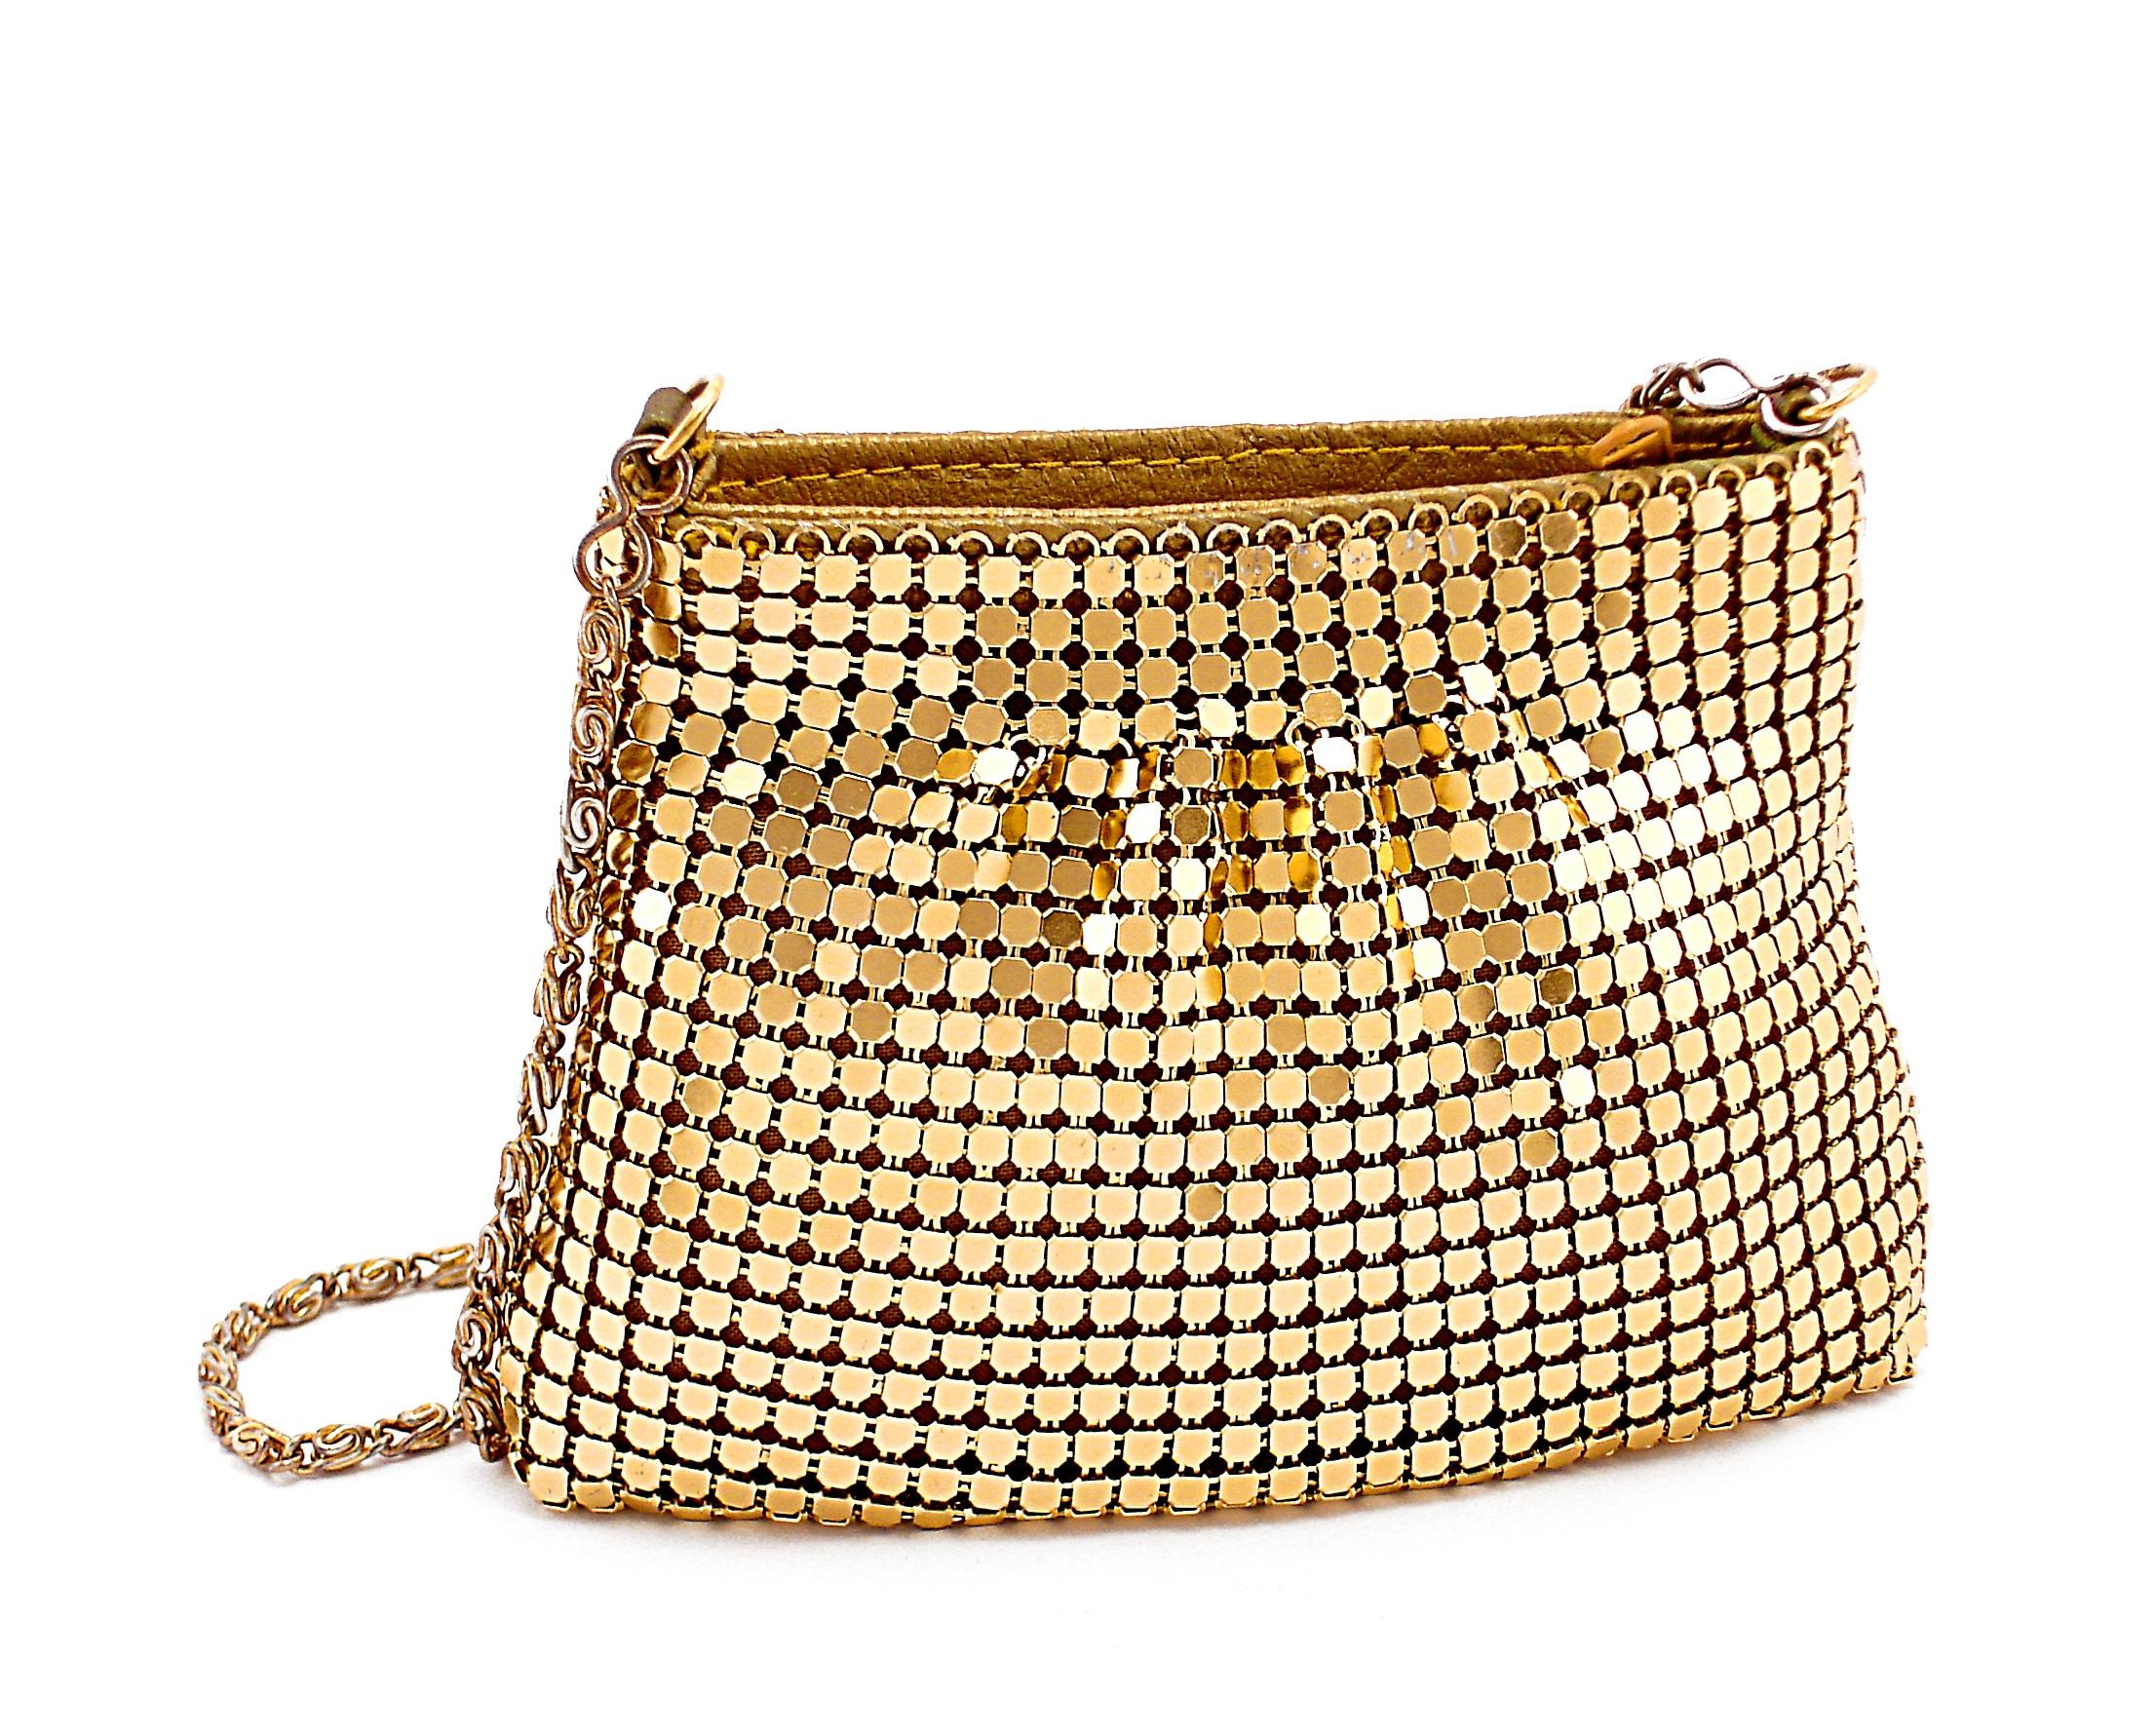 Kostenlose foto : Frau, Kette, weiblich, Tasche, Handtasche, Schmuck ...